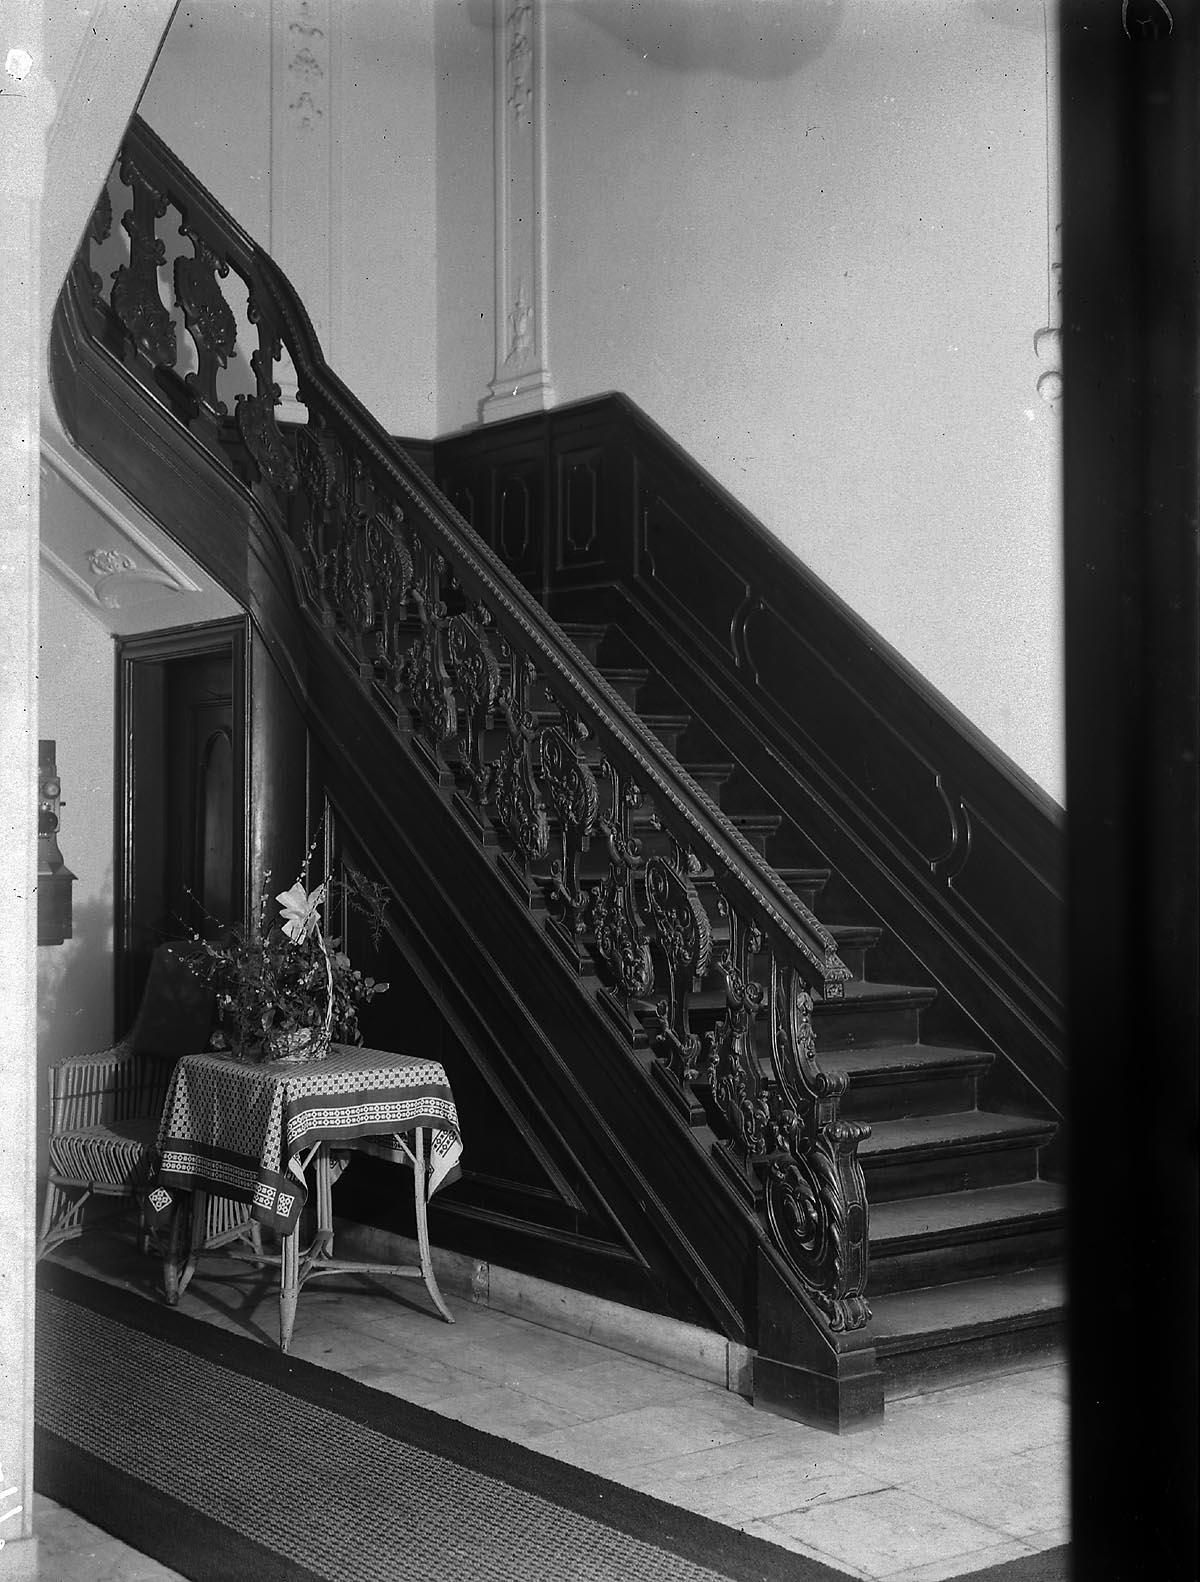 Arnhem bakkerstraat 56 interieur trap het geheugen van nederland online beeldbank van - Interieur trap ...